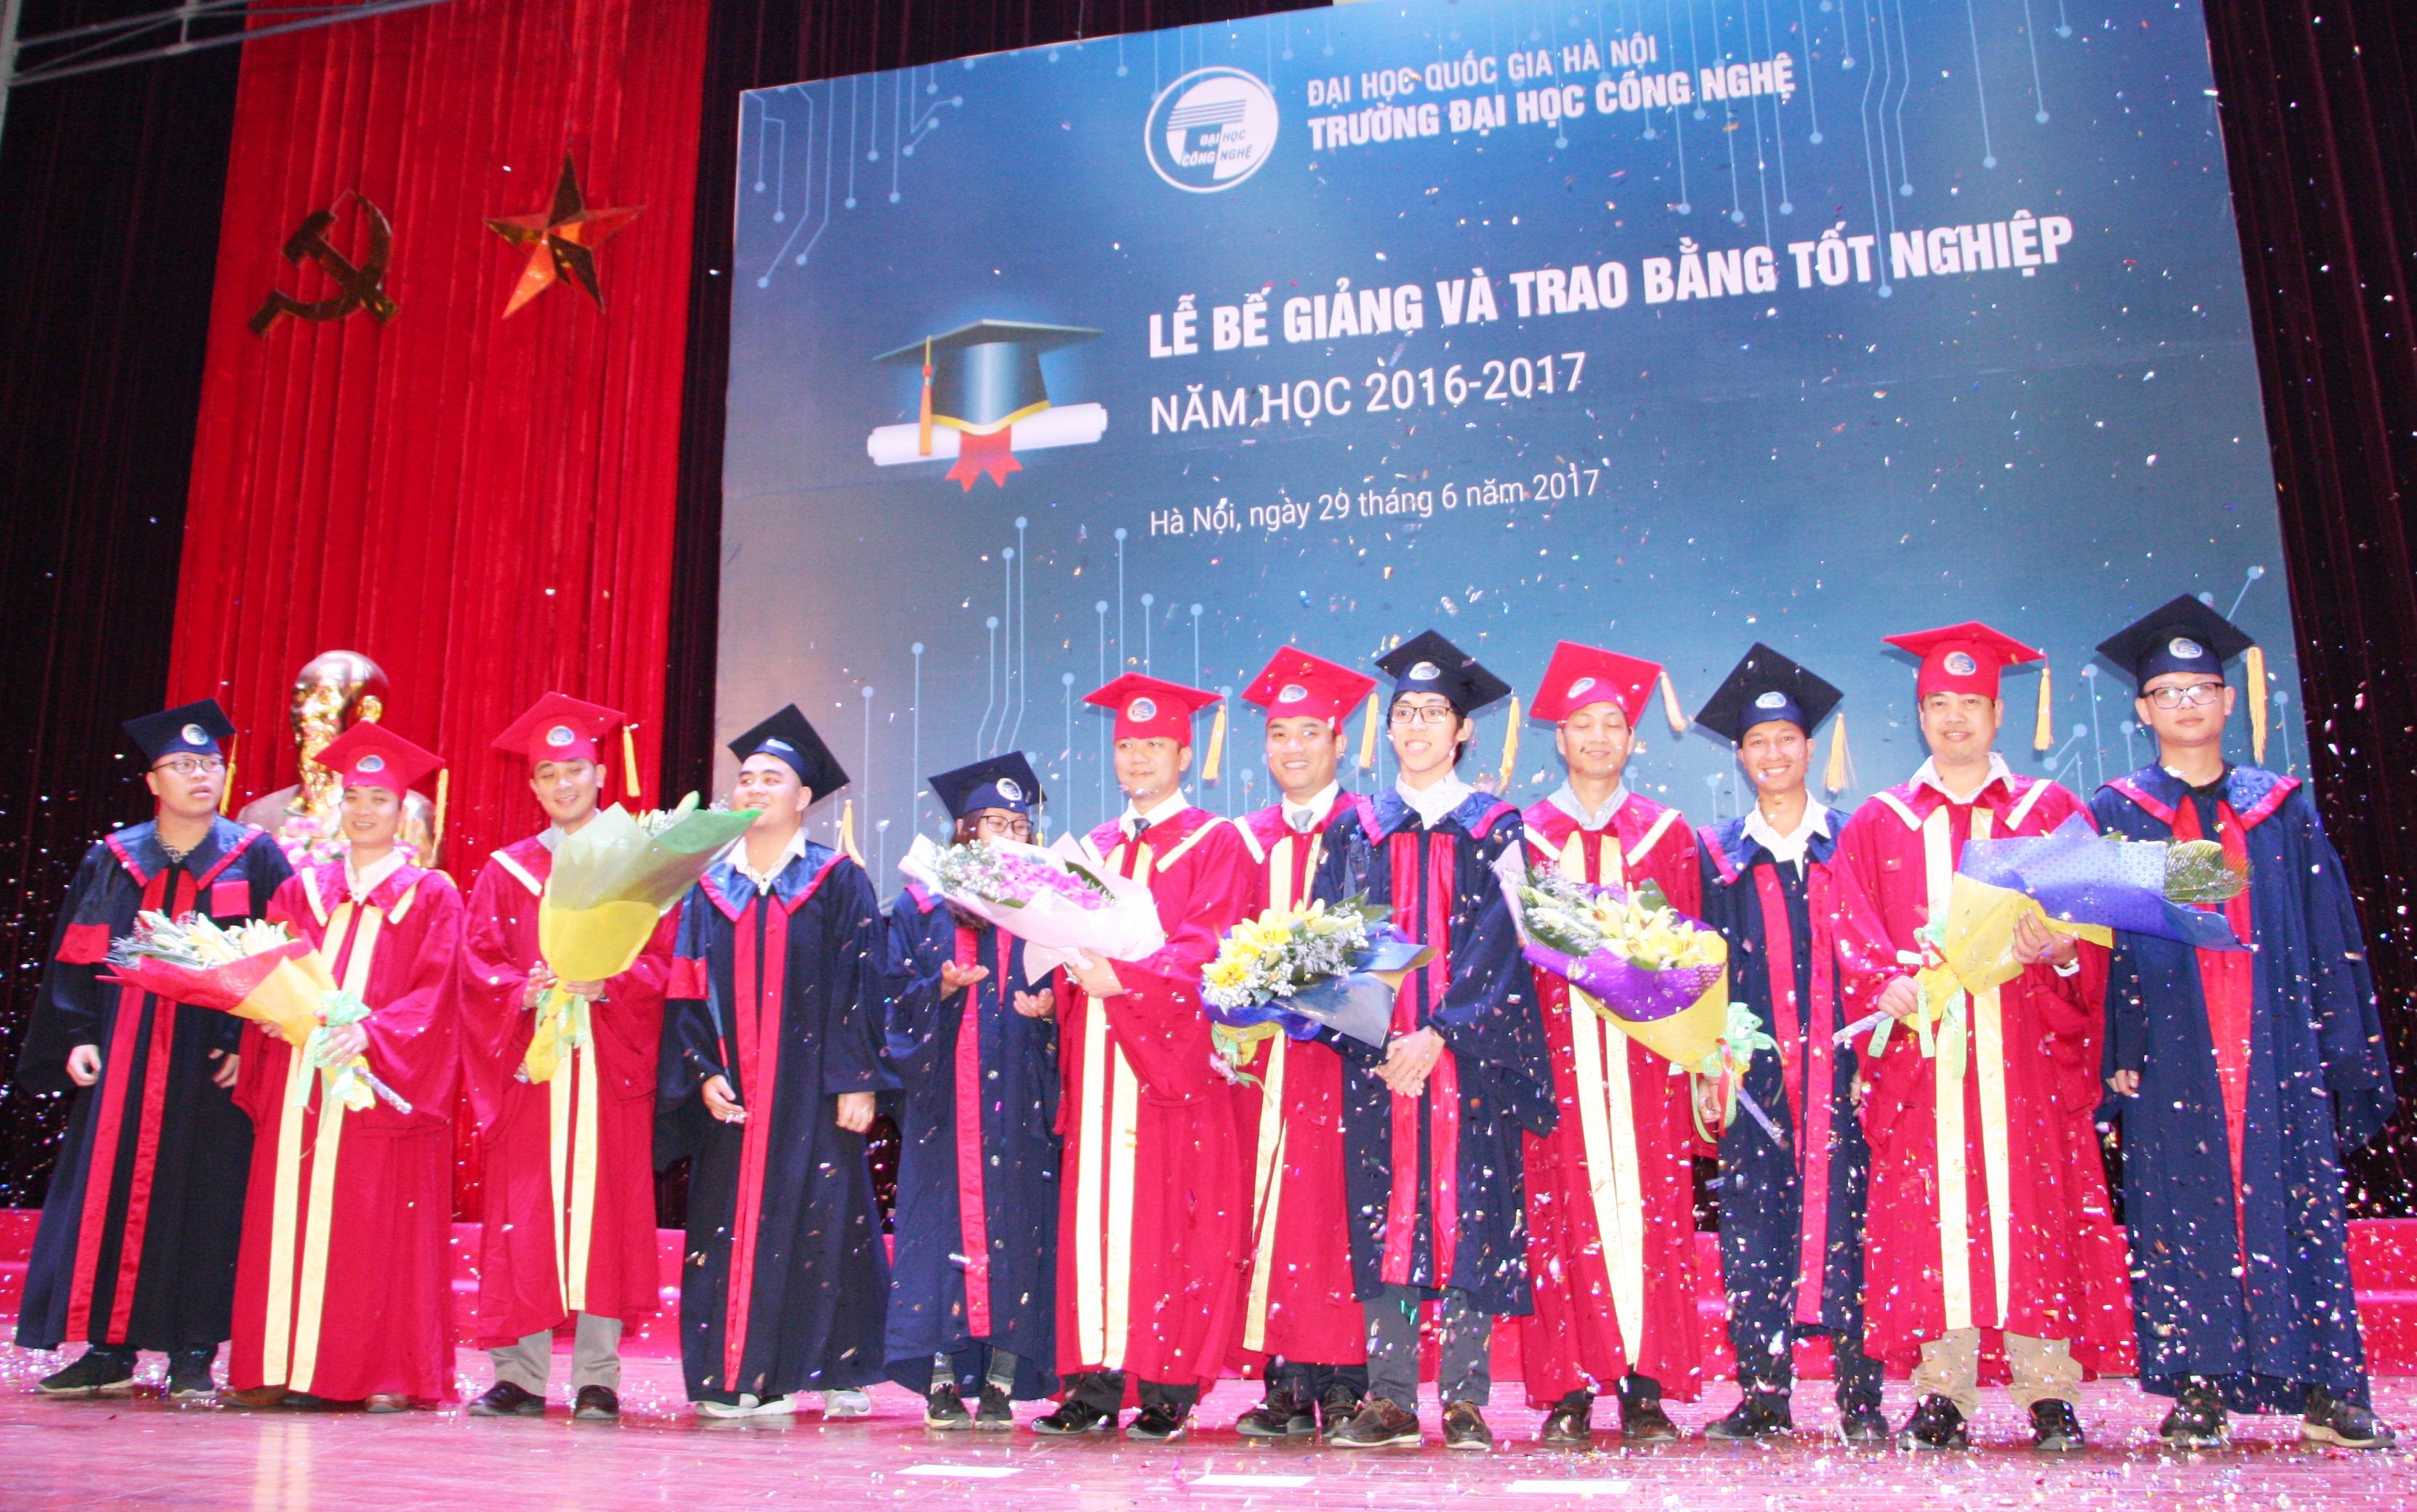 Lễ bế giảng và trao bằng tốt nghiệp năm học 2016-2017